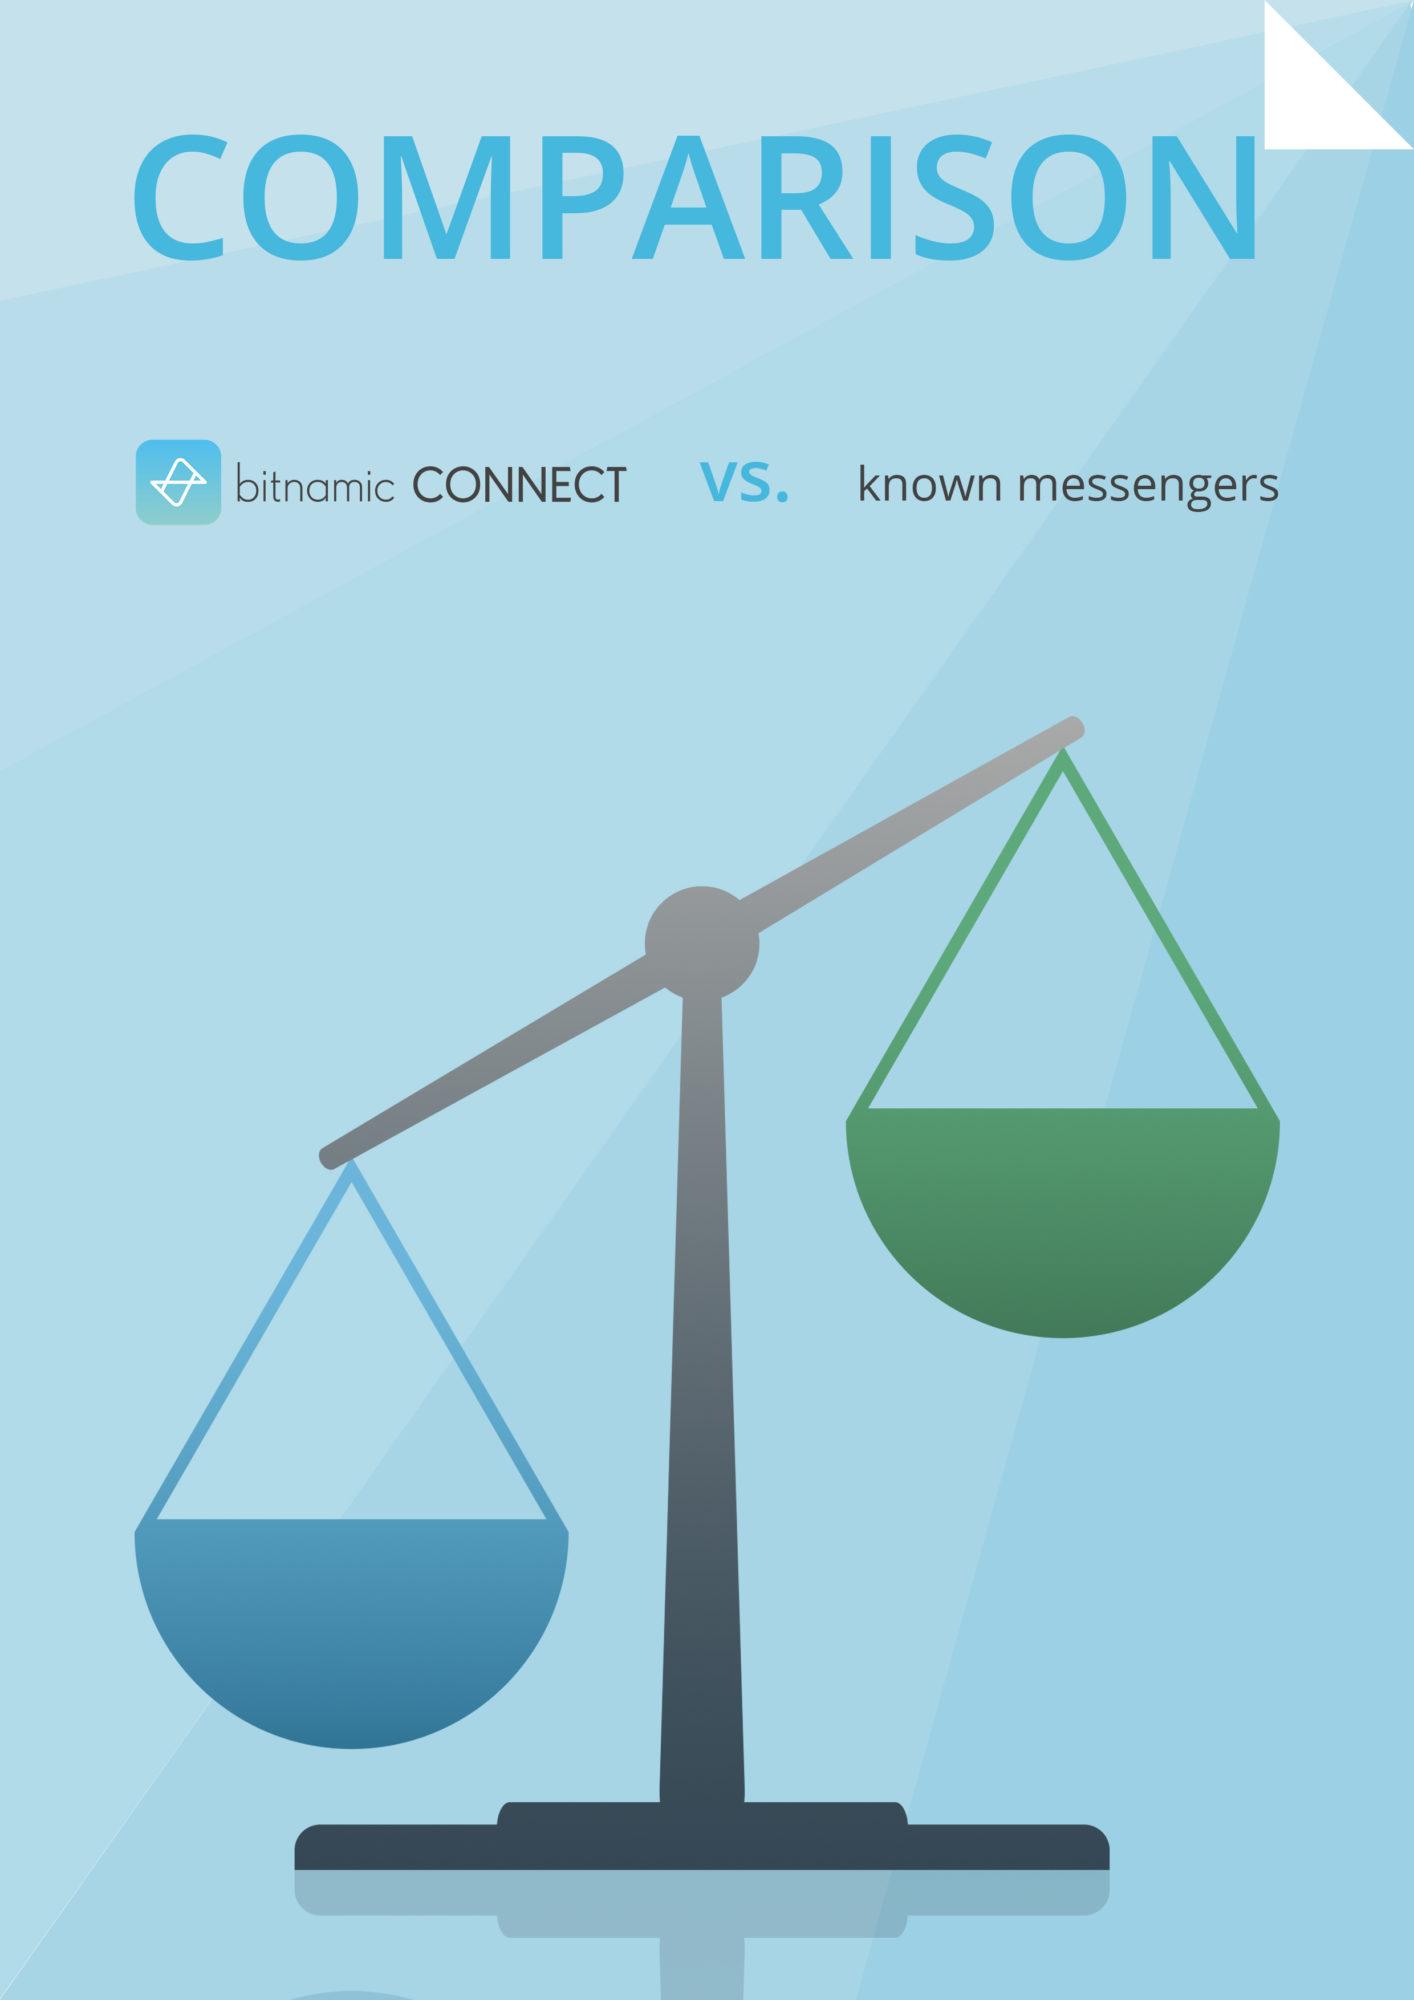 Comparison bitnamic CONNECT vs messengers